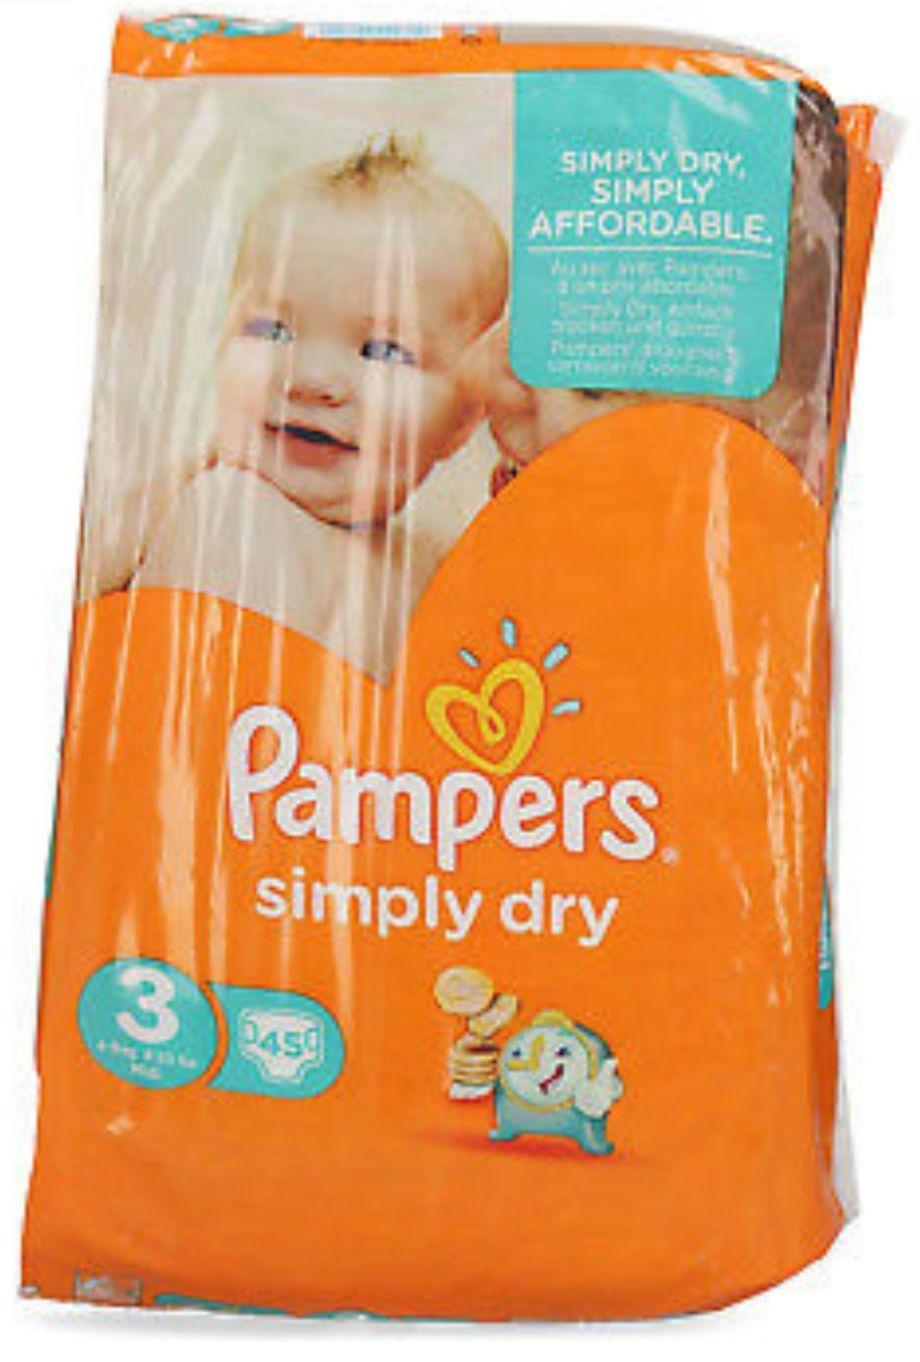 Pampers Windeln Simply Dry Gr. 3 90 Stk. [0,11€*/Stück]